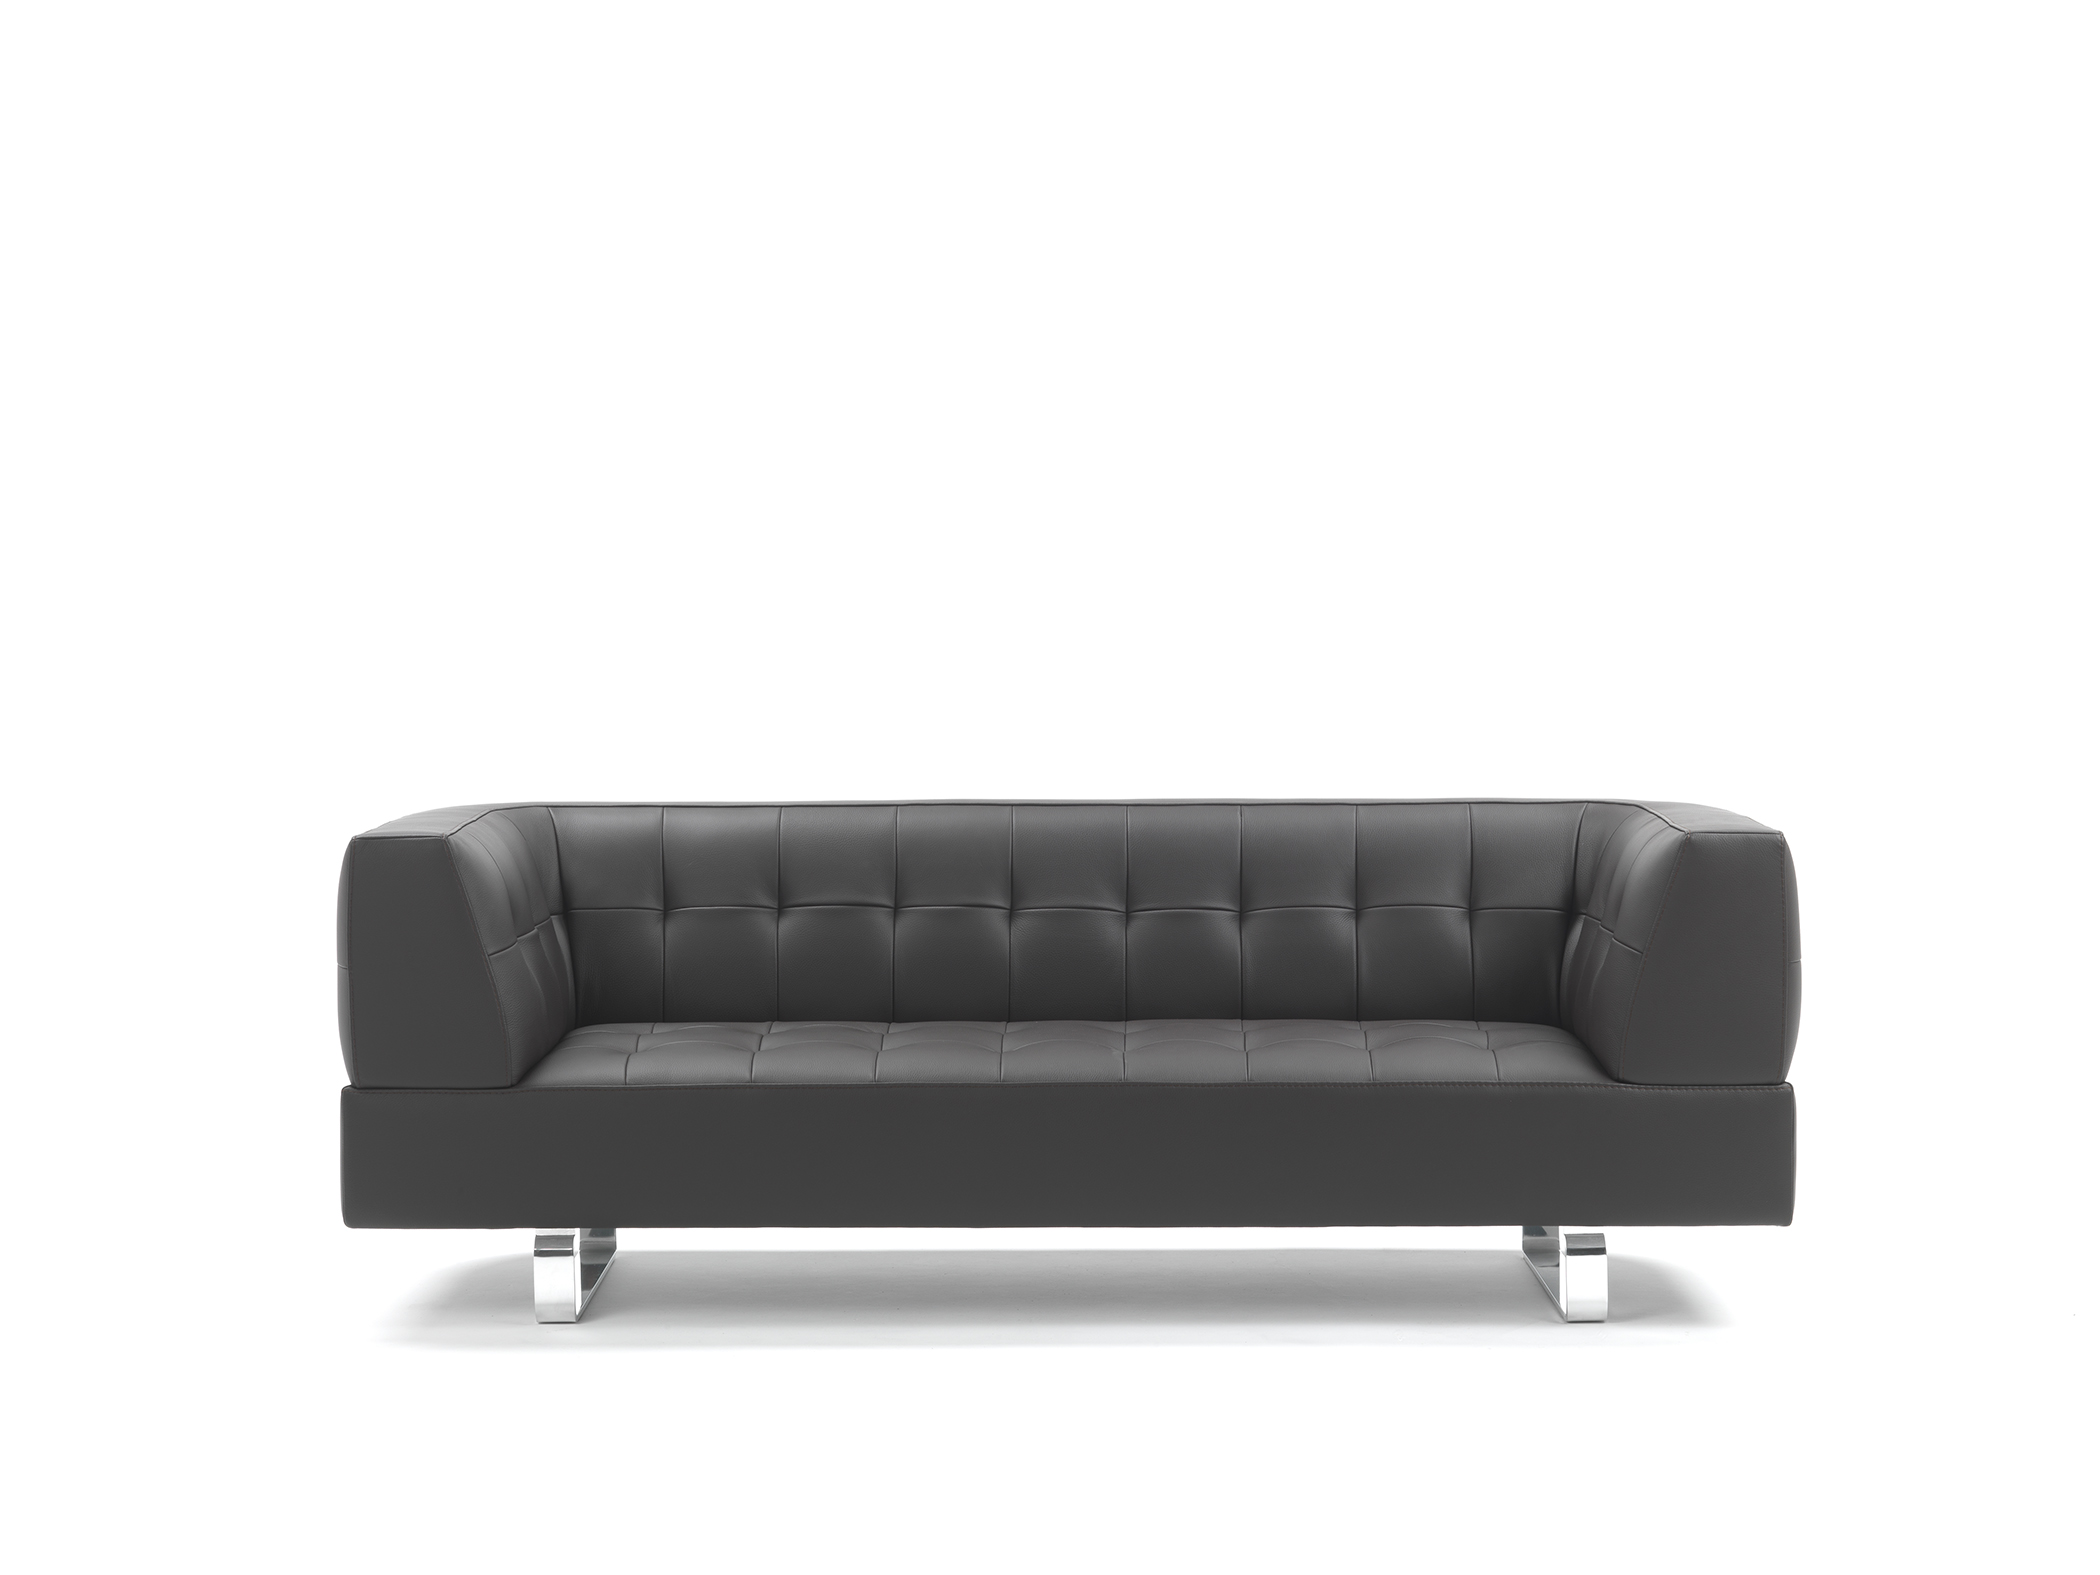 Прямой диван SNAKE в LUXURYSOFAS